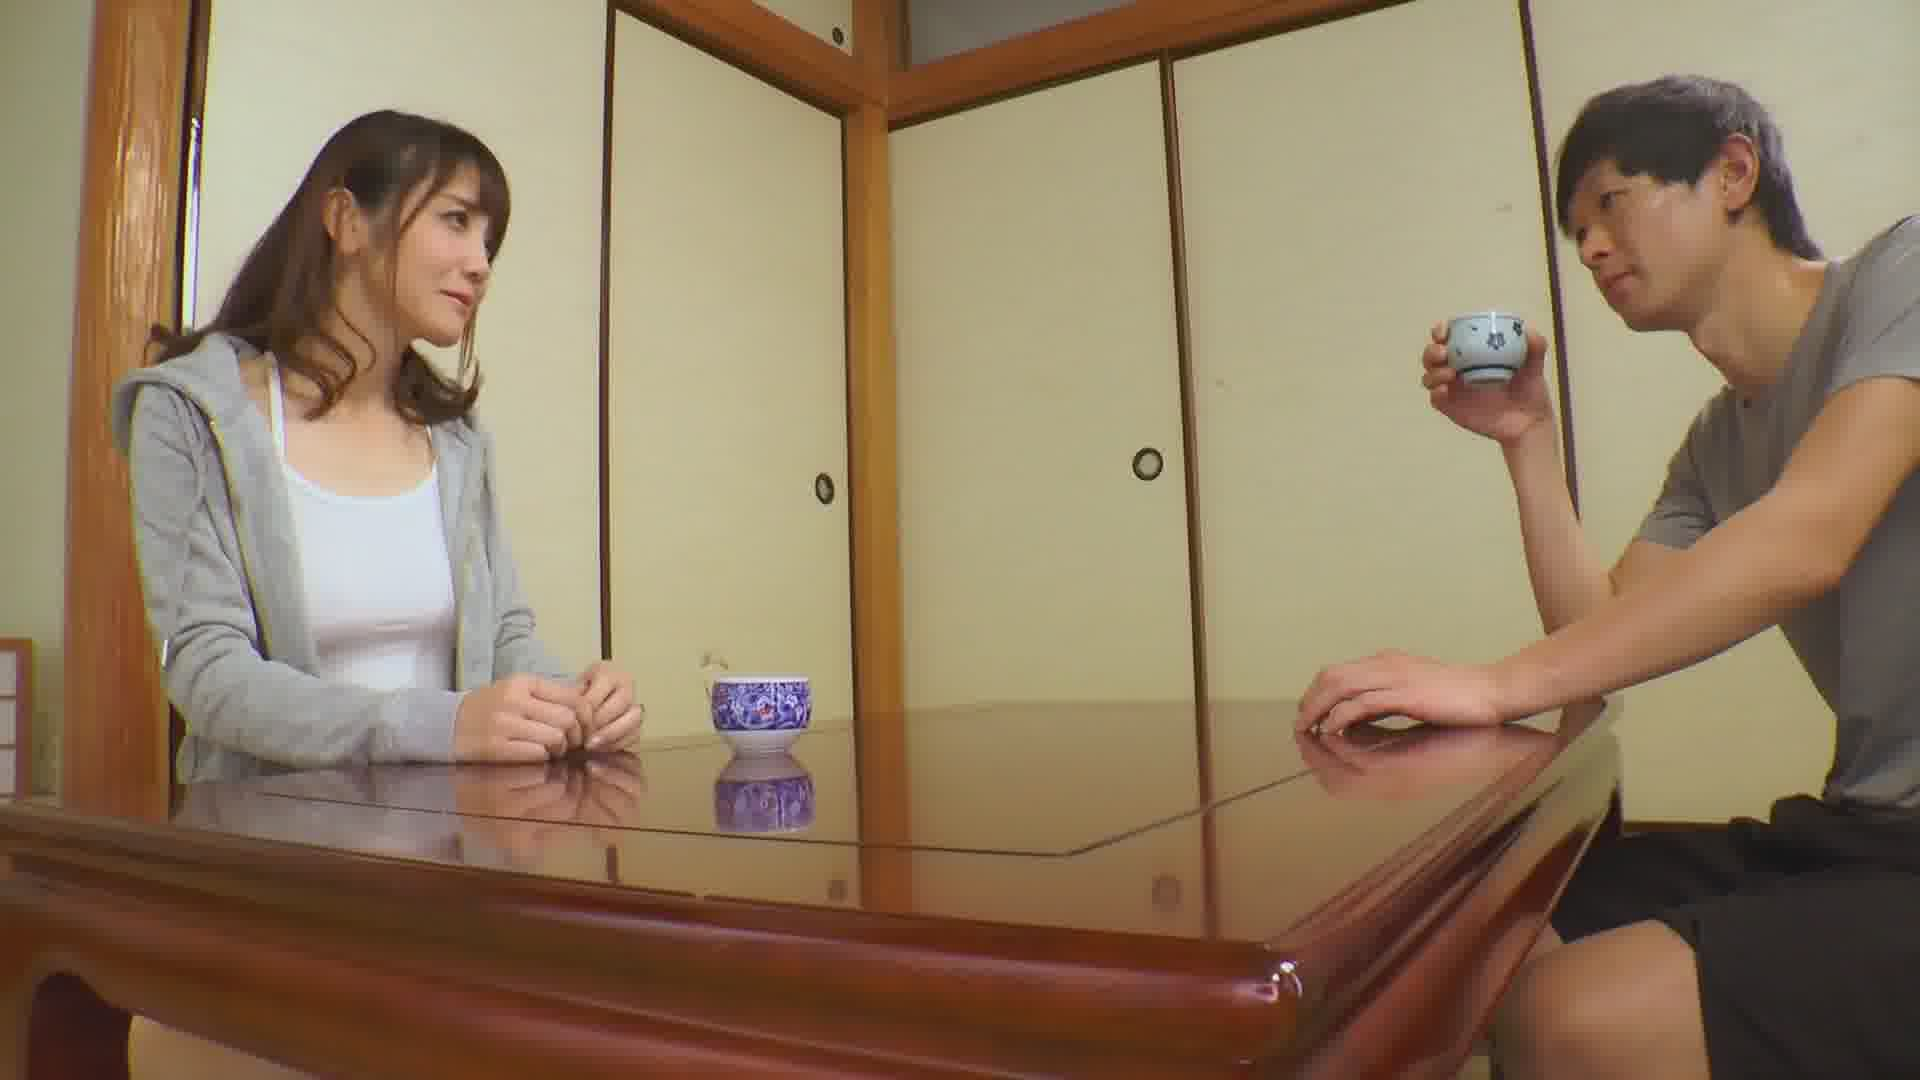 最初からその気だったとなりの奥さん ~風呂を借りに来る口実で近付いて来ました~ - 奥村沙織【パイズリ・スレンダー・人妻】